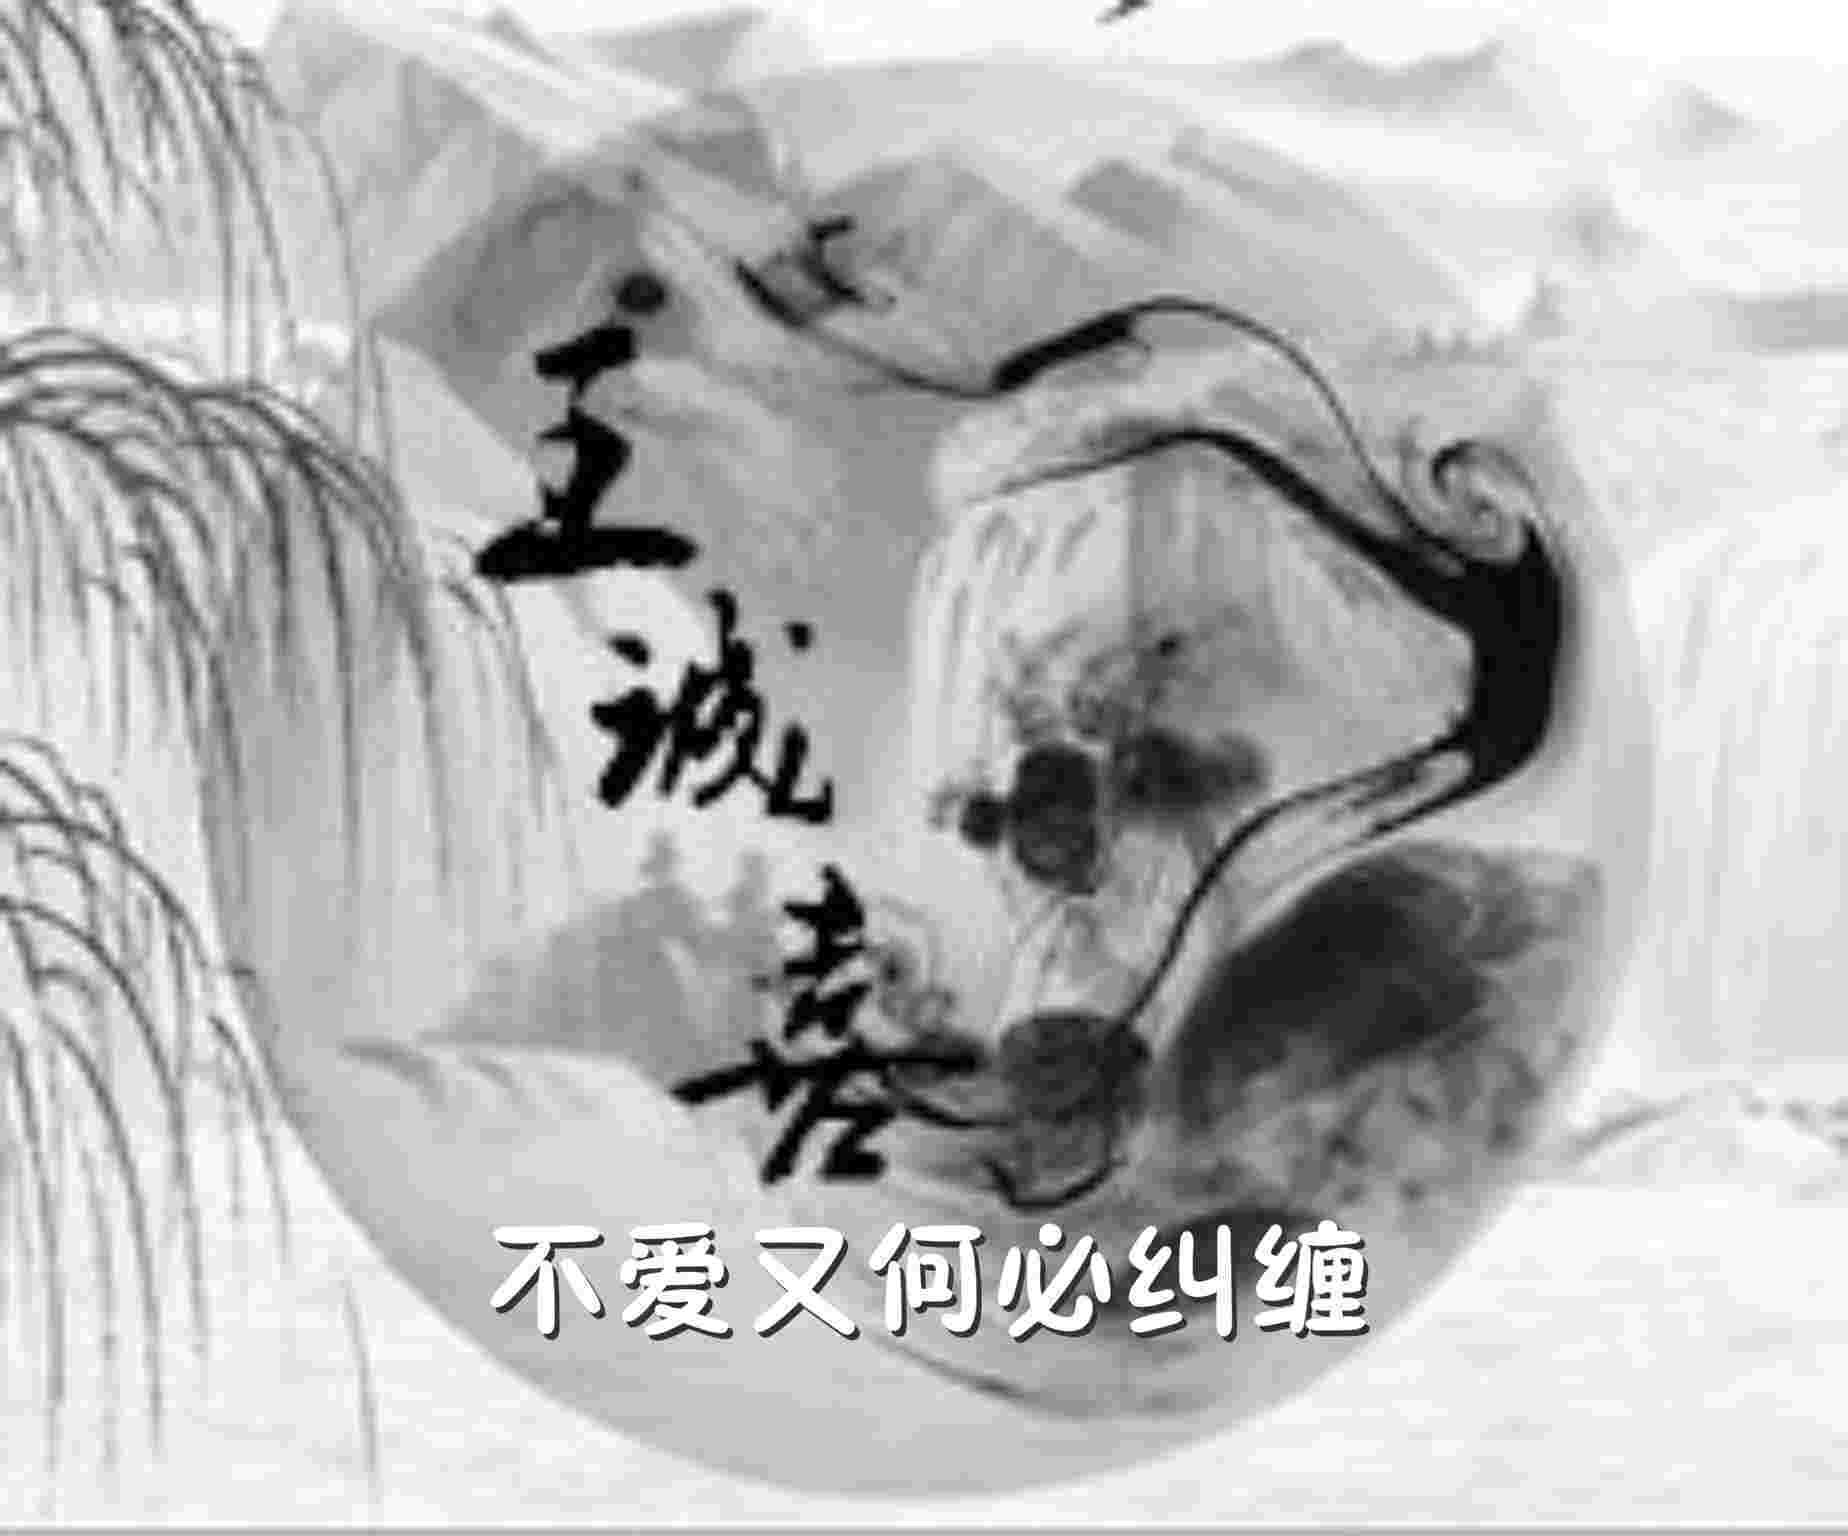 又不爱又何必纠缠简谱_不爱又何必纠缠_... - http://m.uuwtq.com